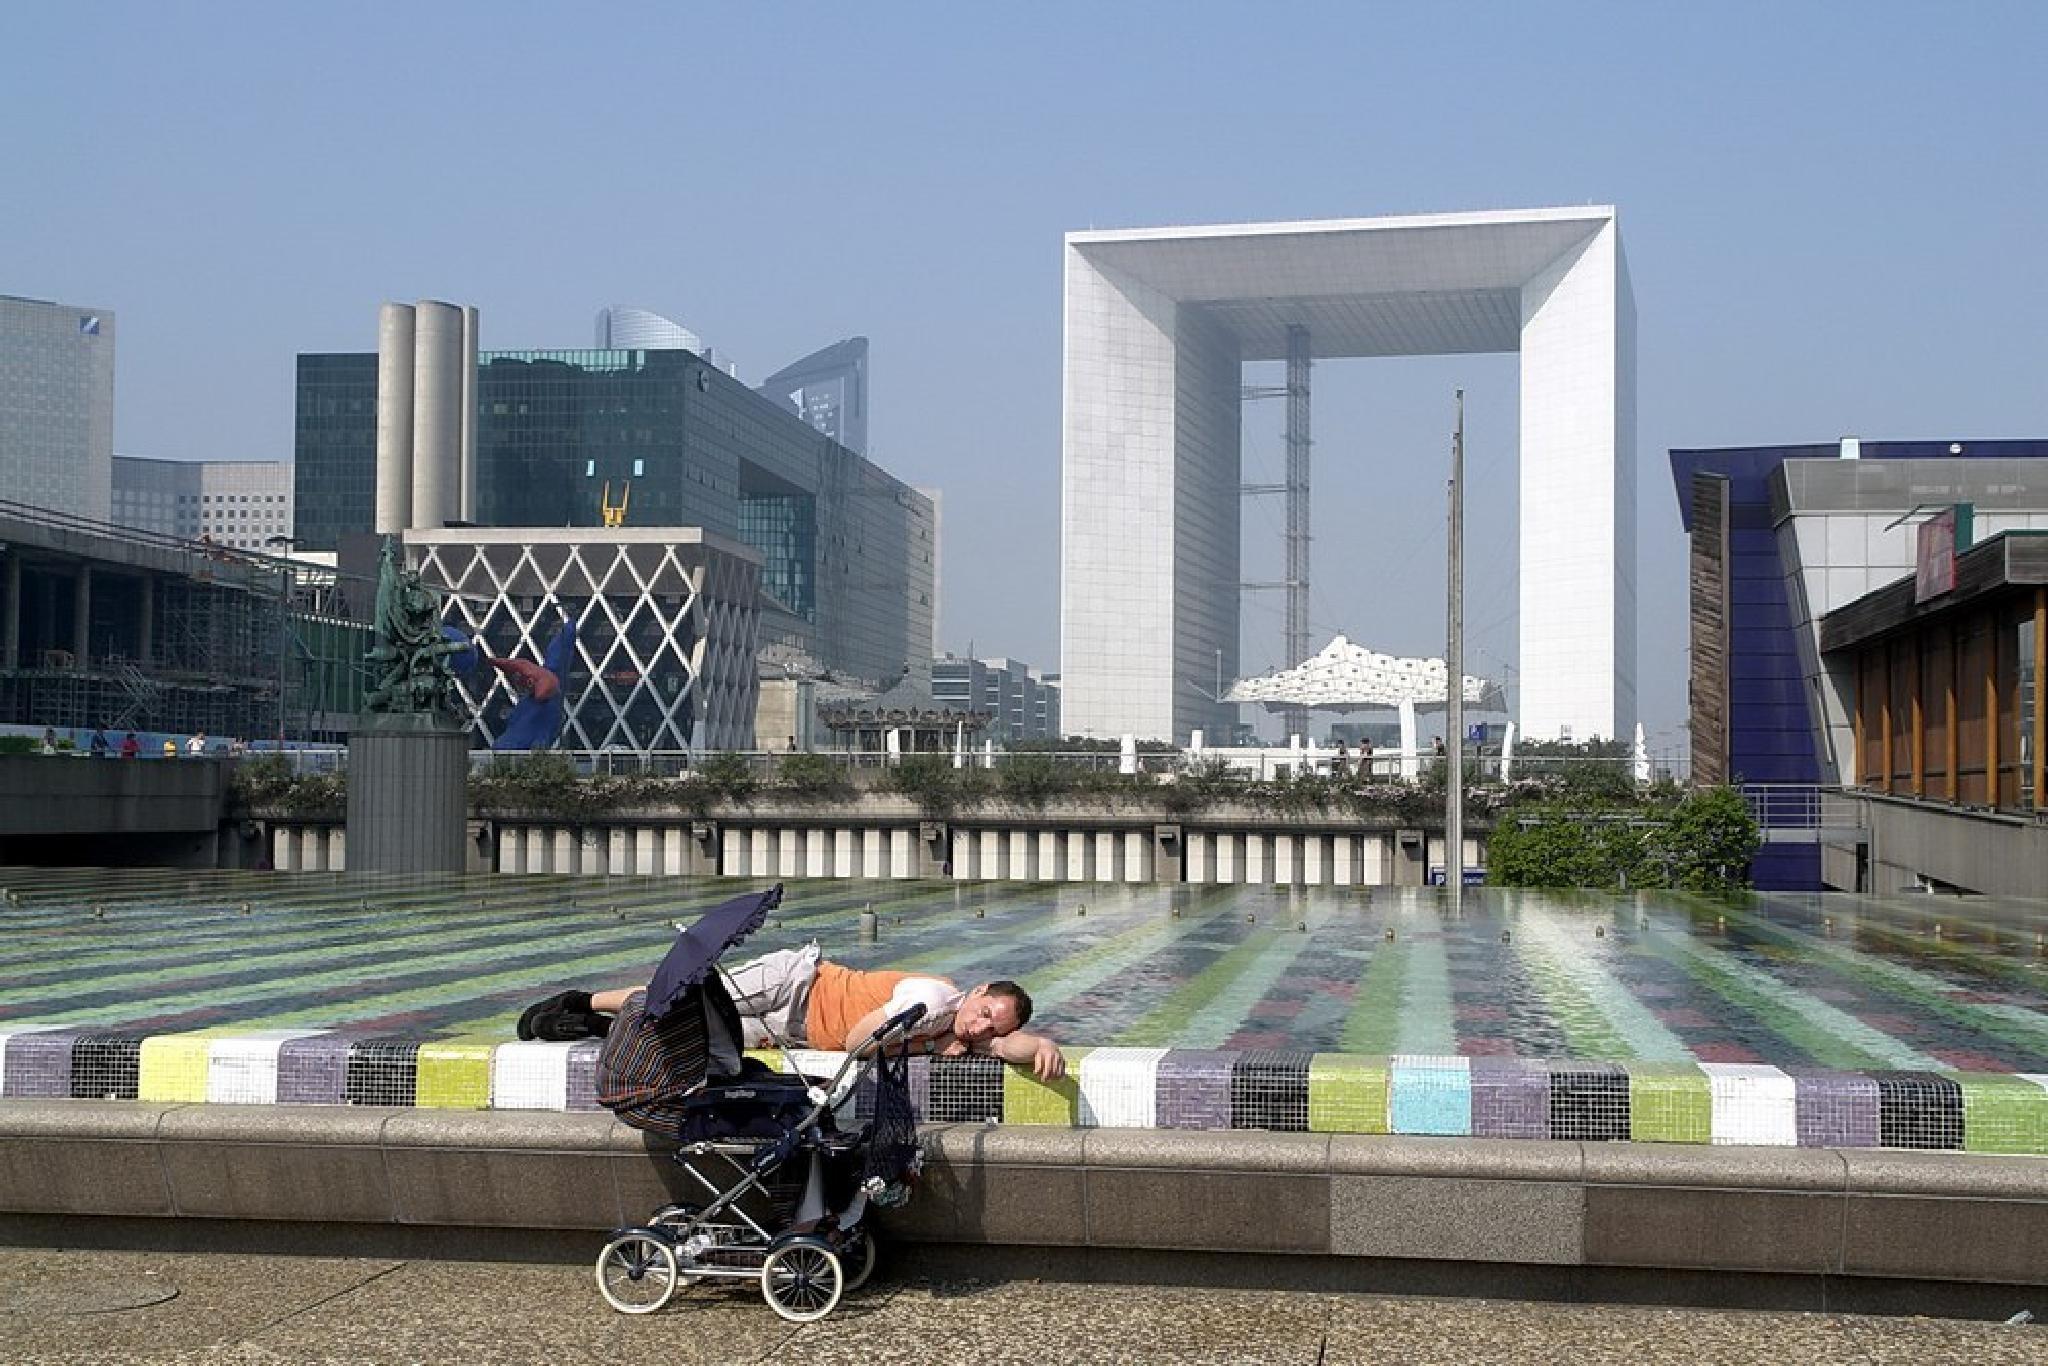 La Défense, Paris by stanislovas kairys